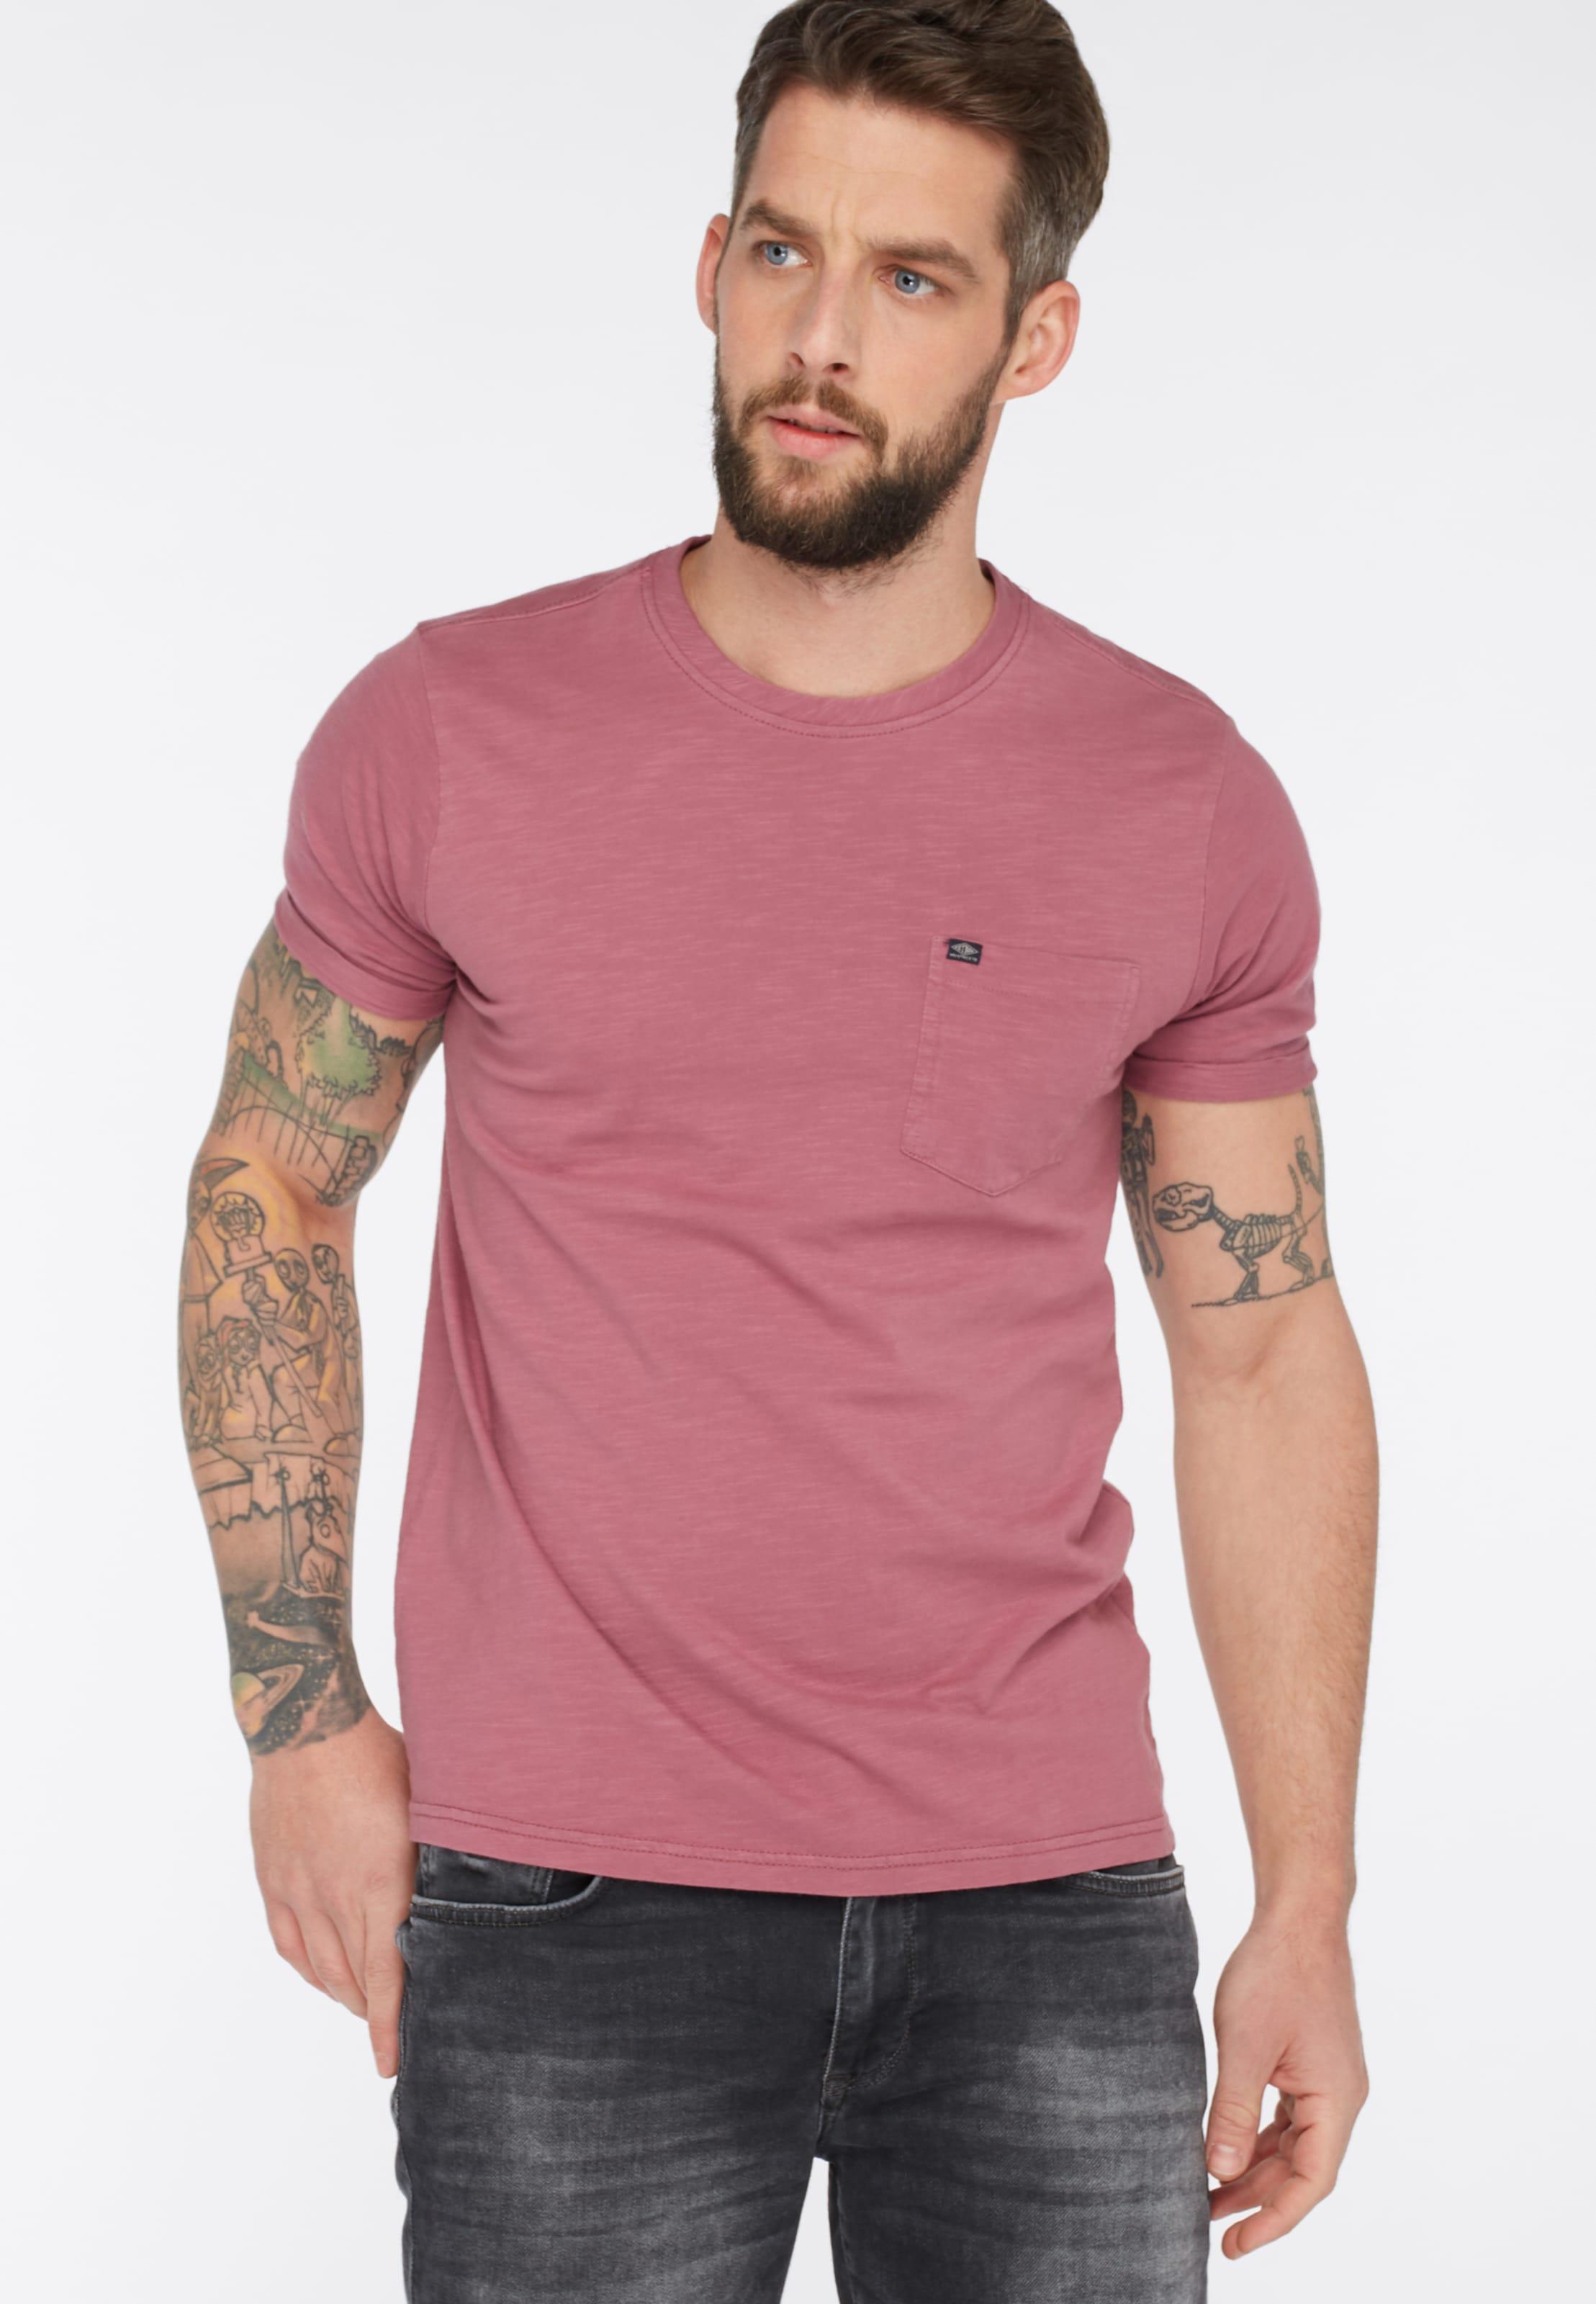 shirt Rosé Industries In Petrol T L4Rj35qA